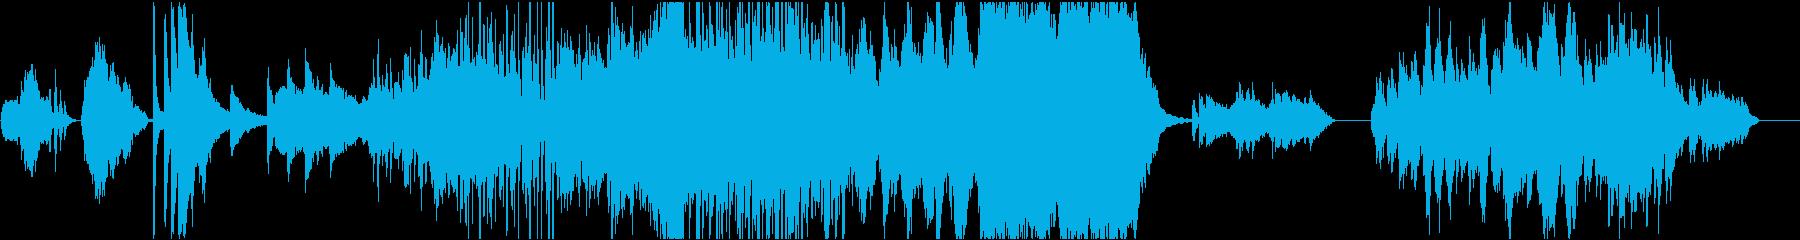 大自然生き物の様子 フルオケの再生済みの波形